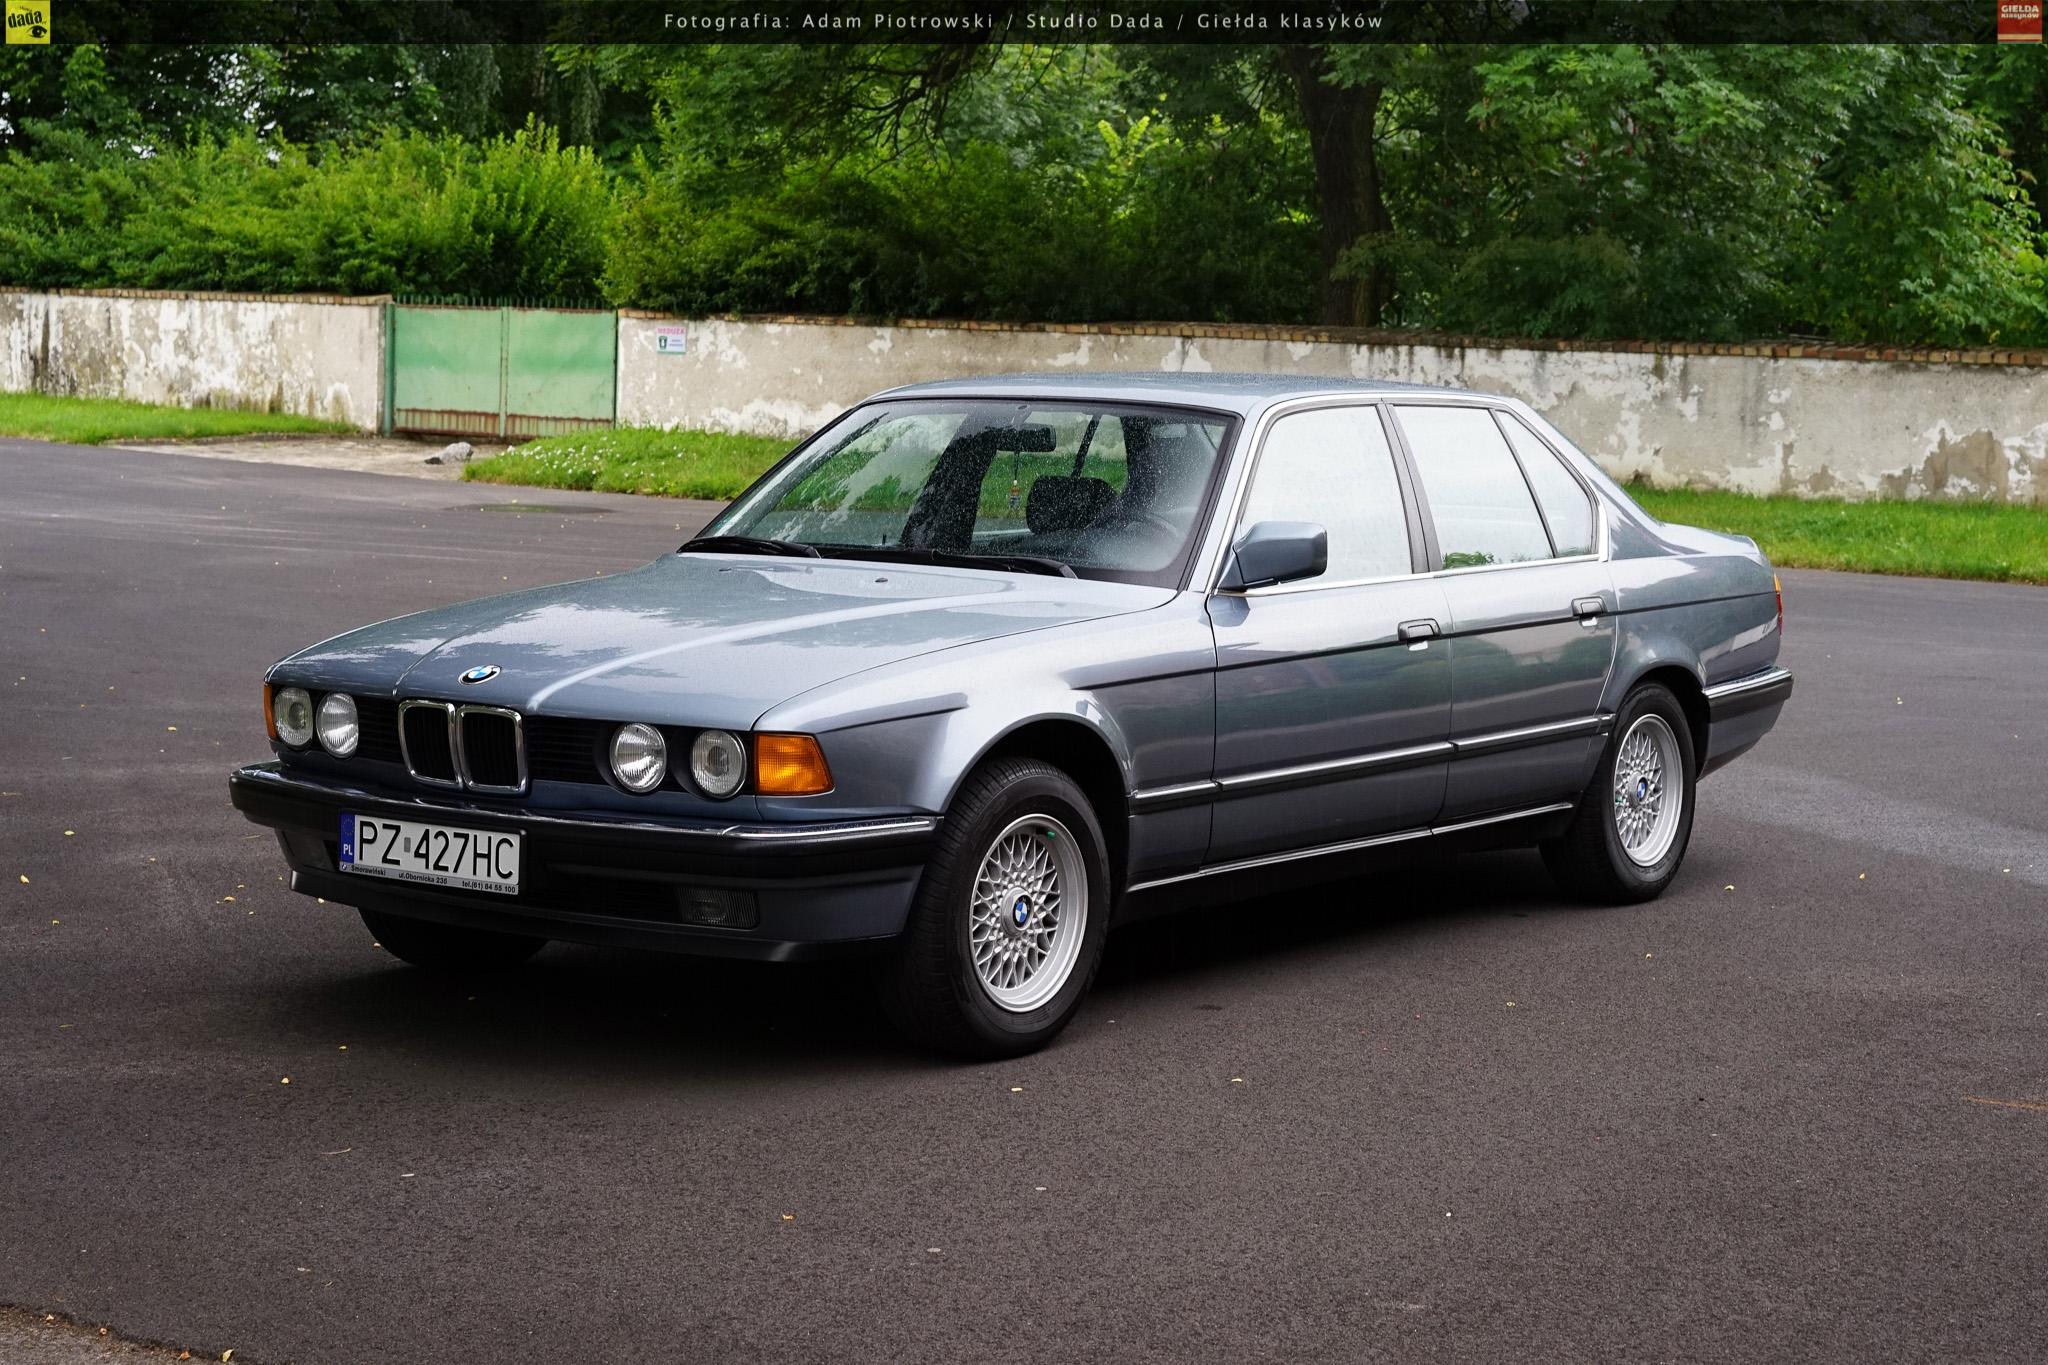 BMW 730i E32 Rocznik 1987 Przebieg 153000 Km Pojemnosc 2998 Cm3 Rodzaj Paliwa Benzyna Skrzynia Biegow Automatyczna Moc 188 KM